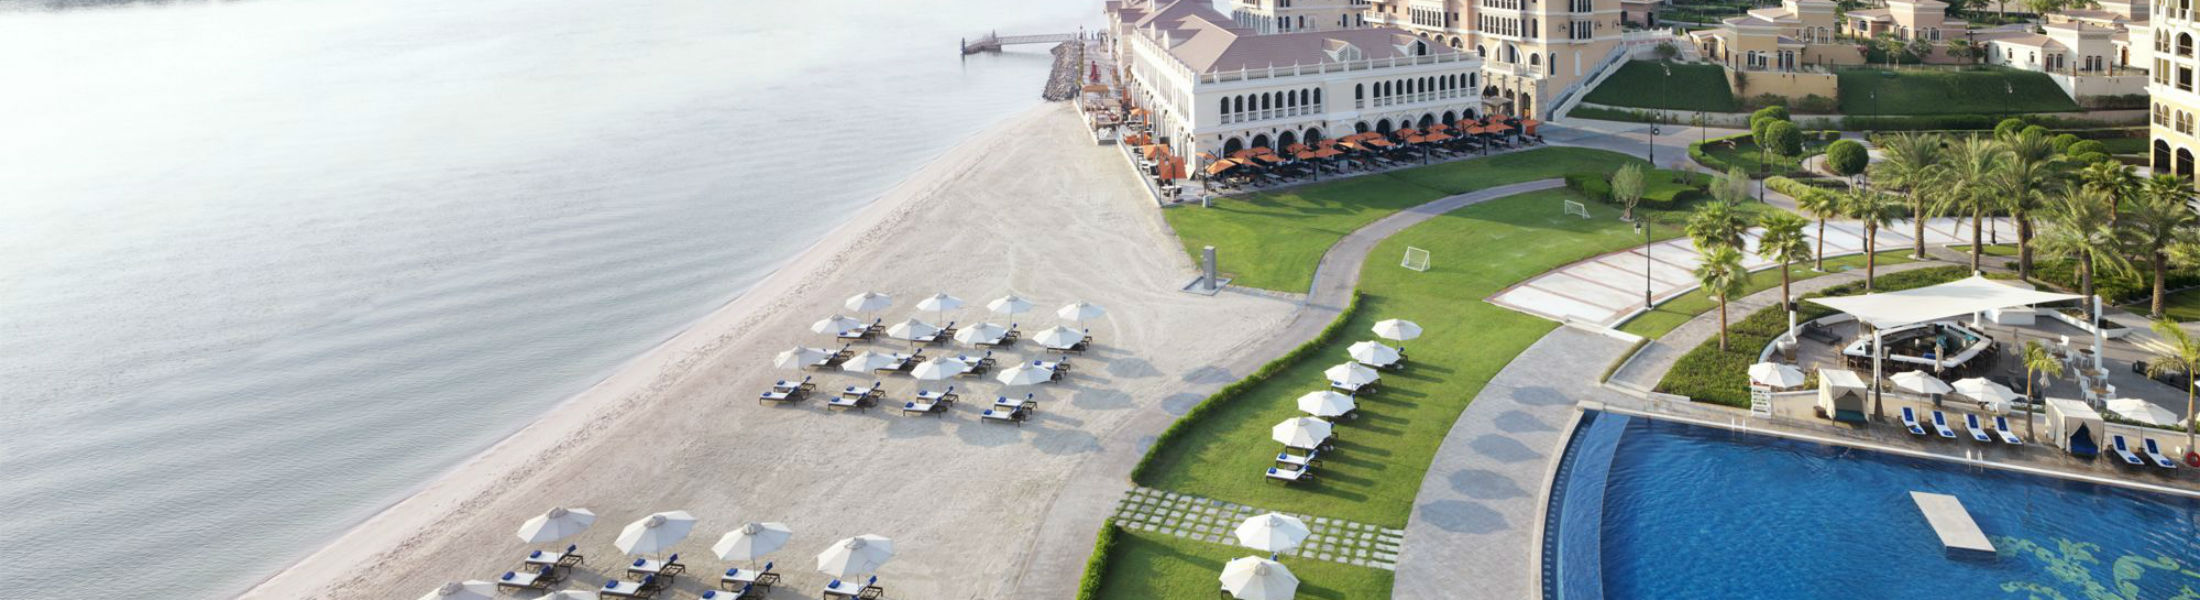 Aerial Beach view Ritz Cartlon Abu Dhabi